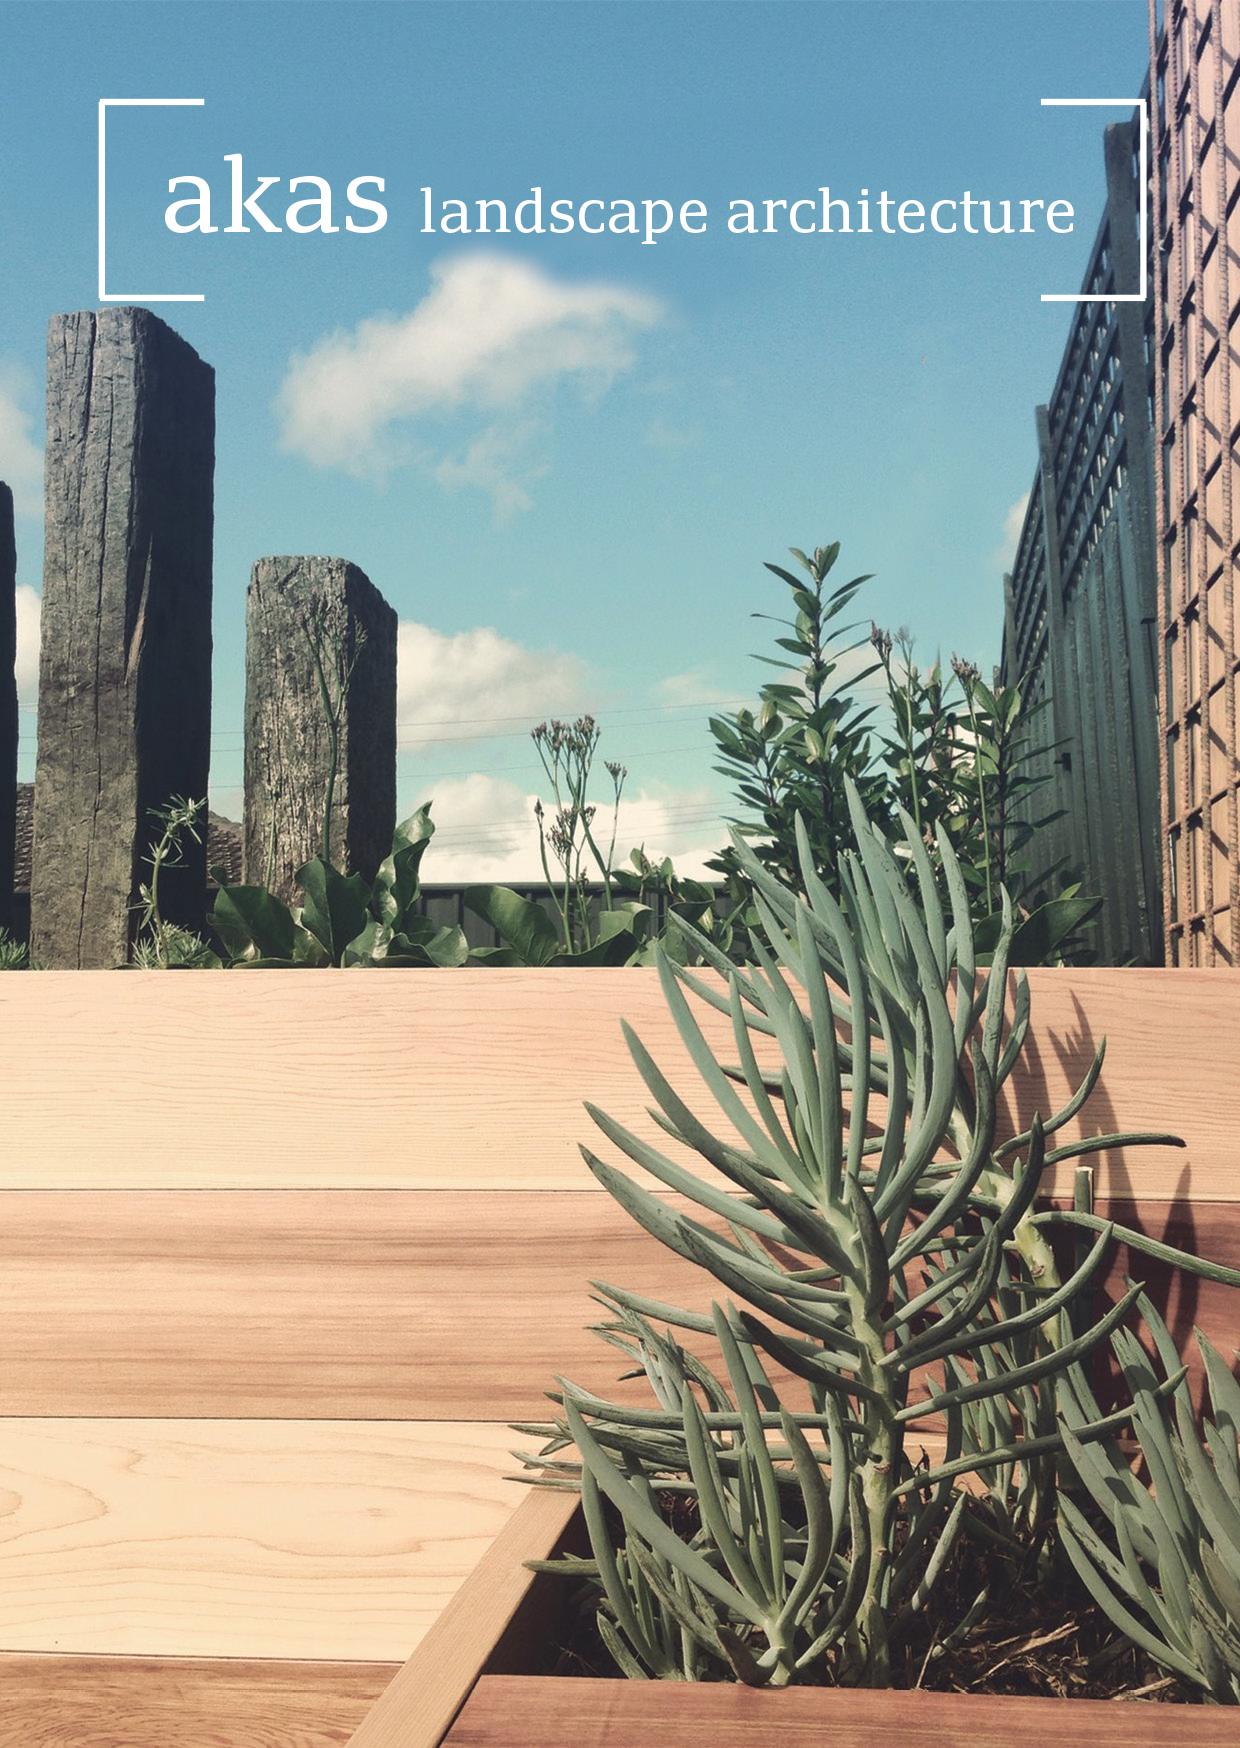 AKAS landscape architecture - Brunswick 1